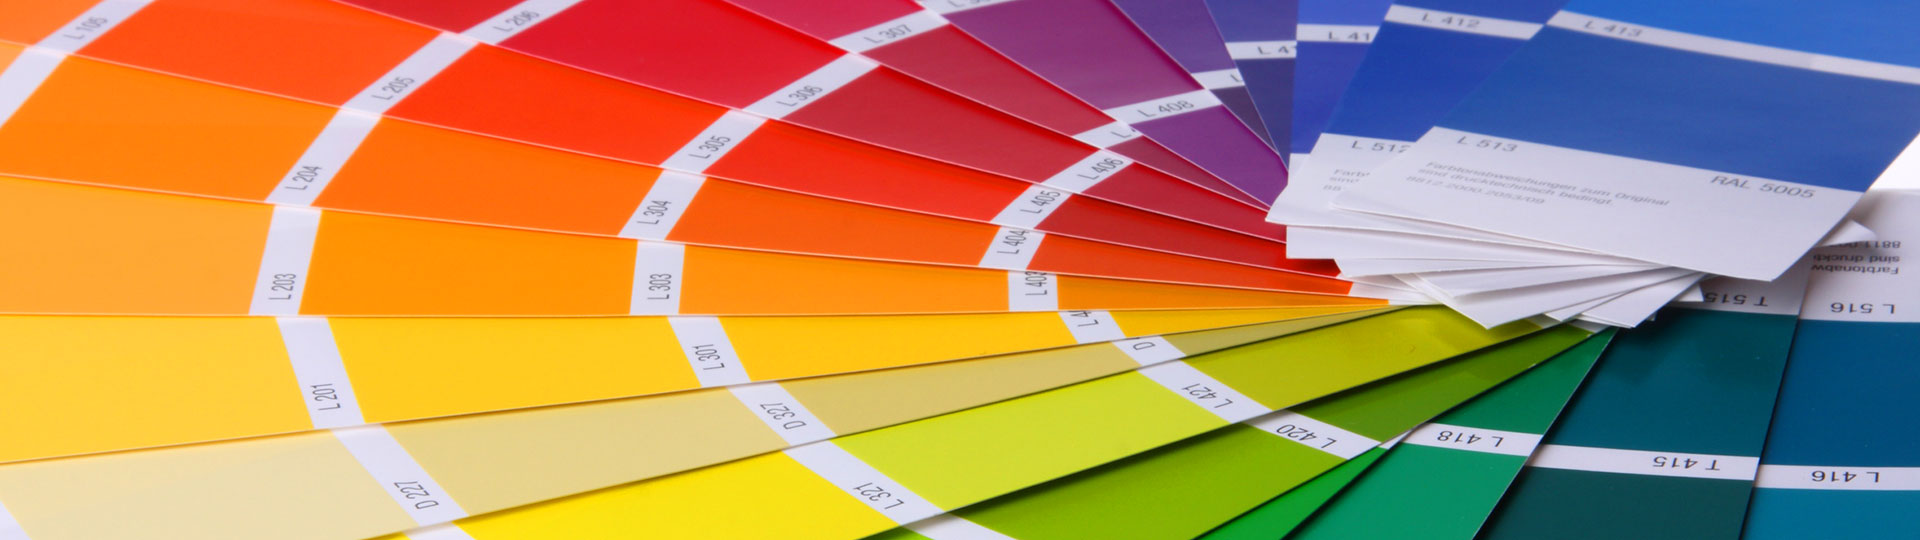 Für jeden Fall die richtige Farbe!